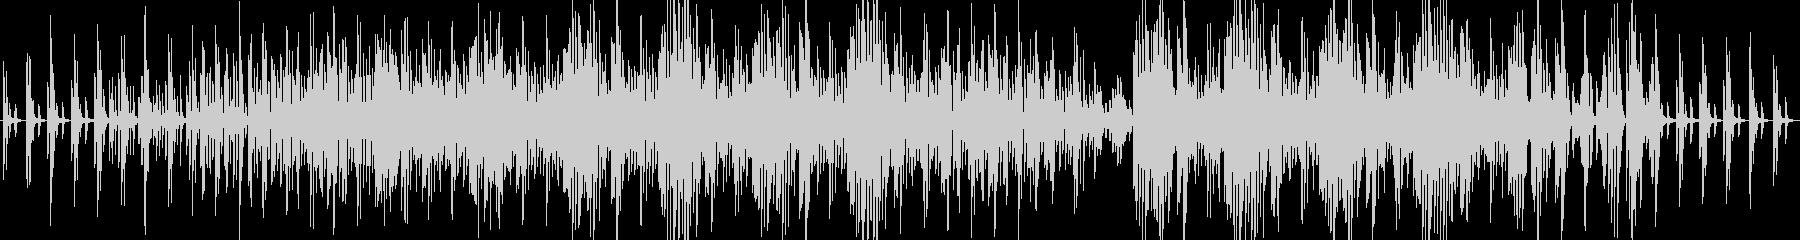 ピアノの多重奏で作られたポップスの未再生の波形